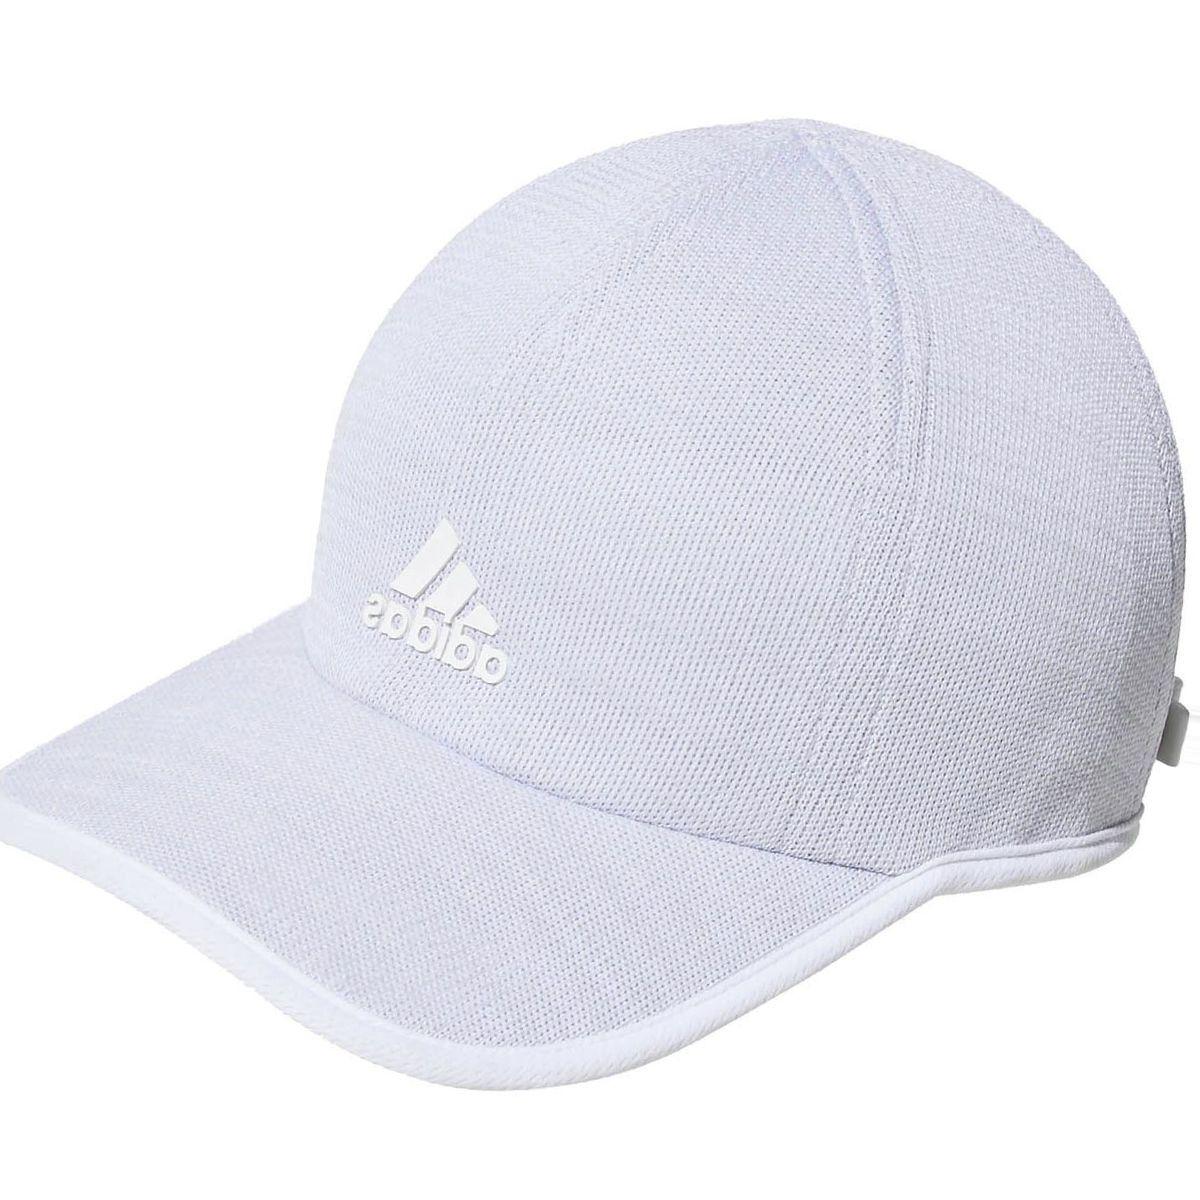 Adidas Outdoor SuperLite Prime II Cap - Women's